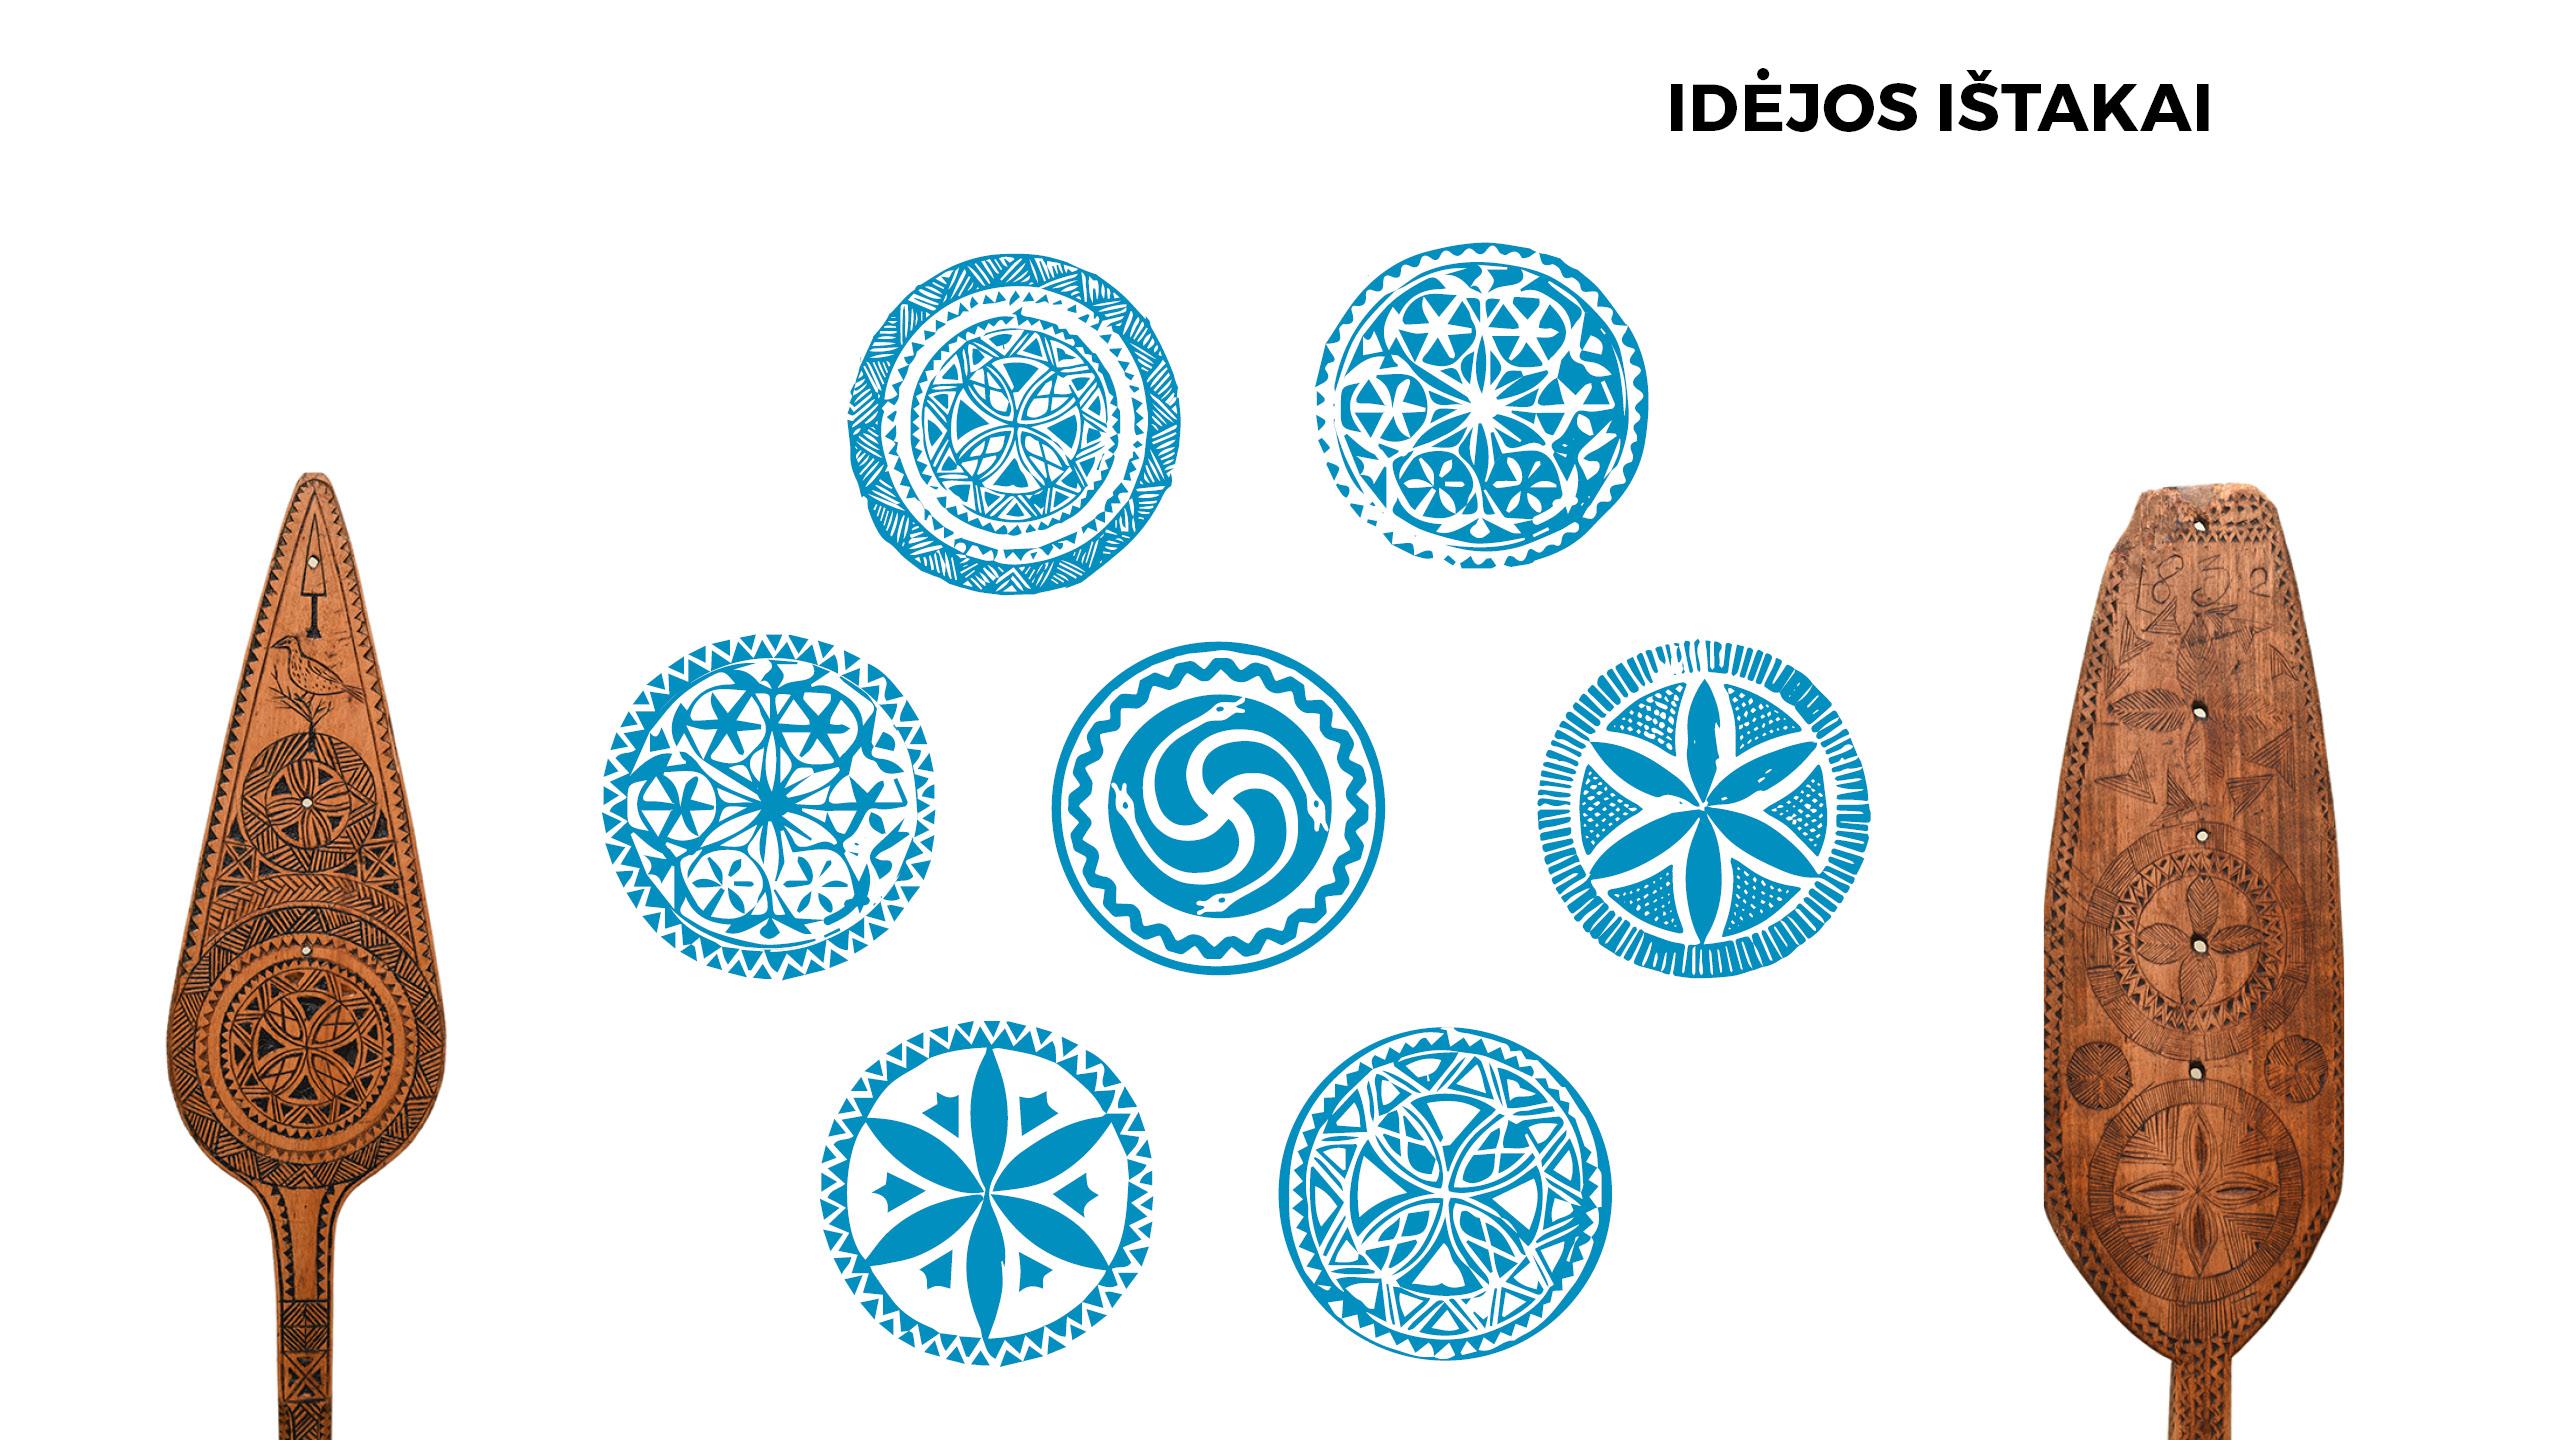 UNOSOL Vizualinio Identiteto vadovas 2 / Logobou design